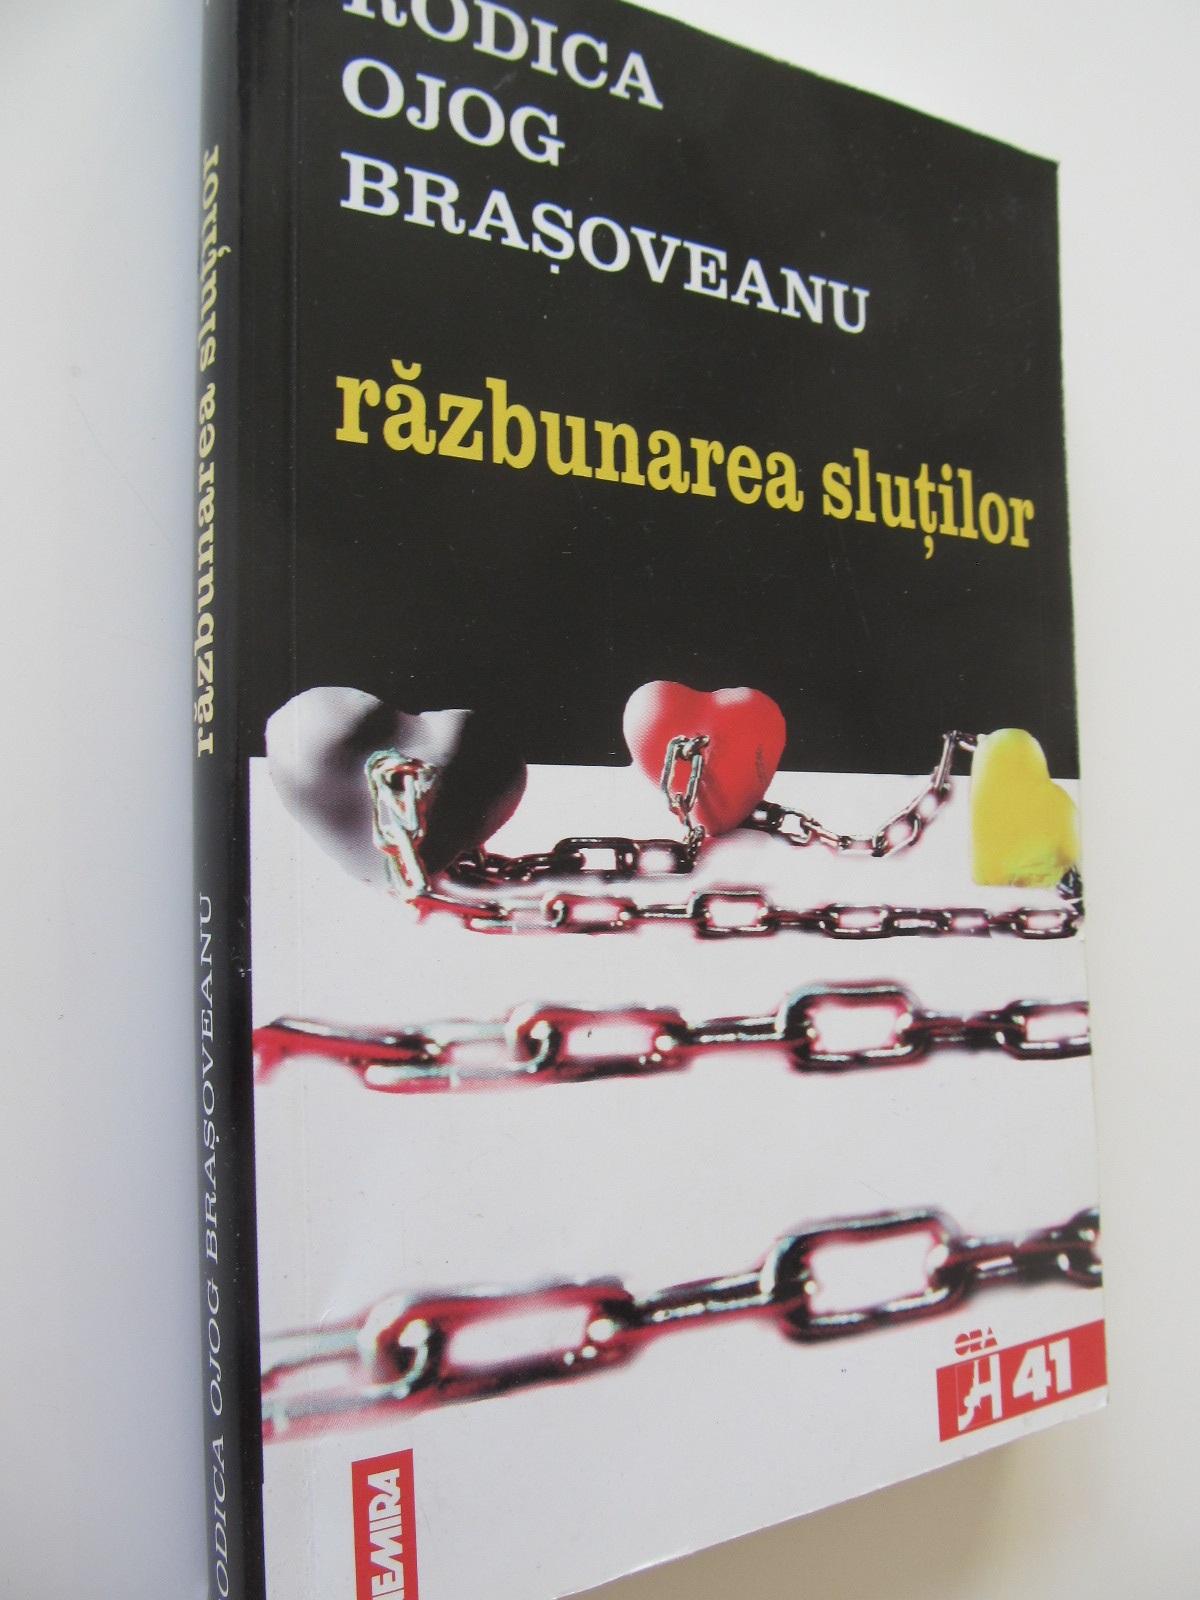 Razbunarea slutilor [1] - Rodica Ojog Brasoveanu | Detalii carte